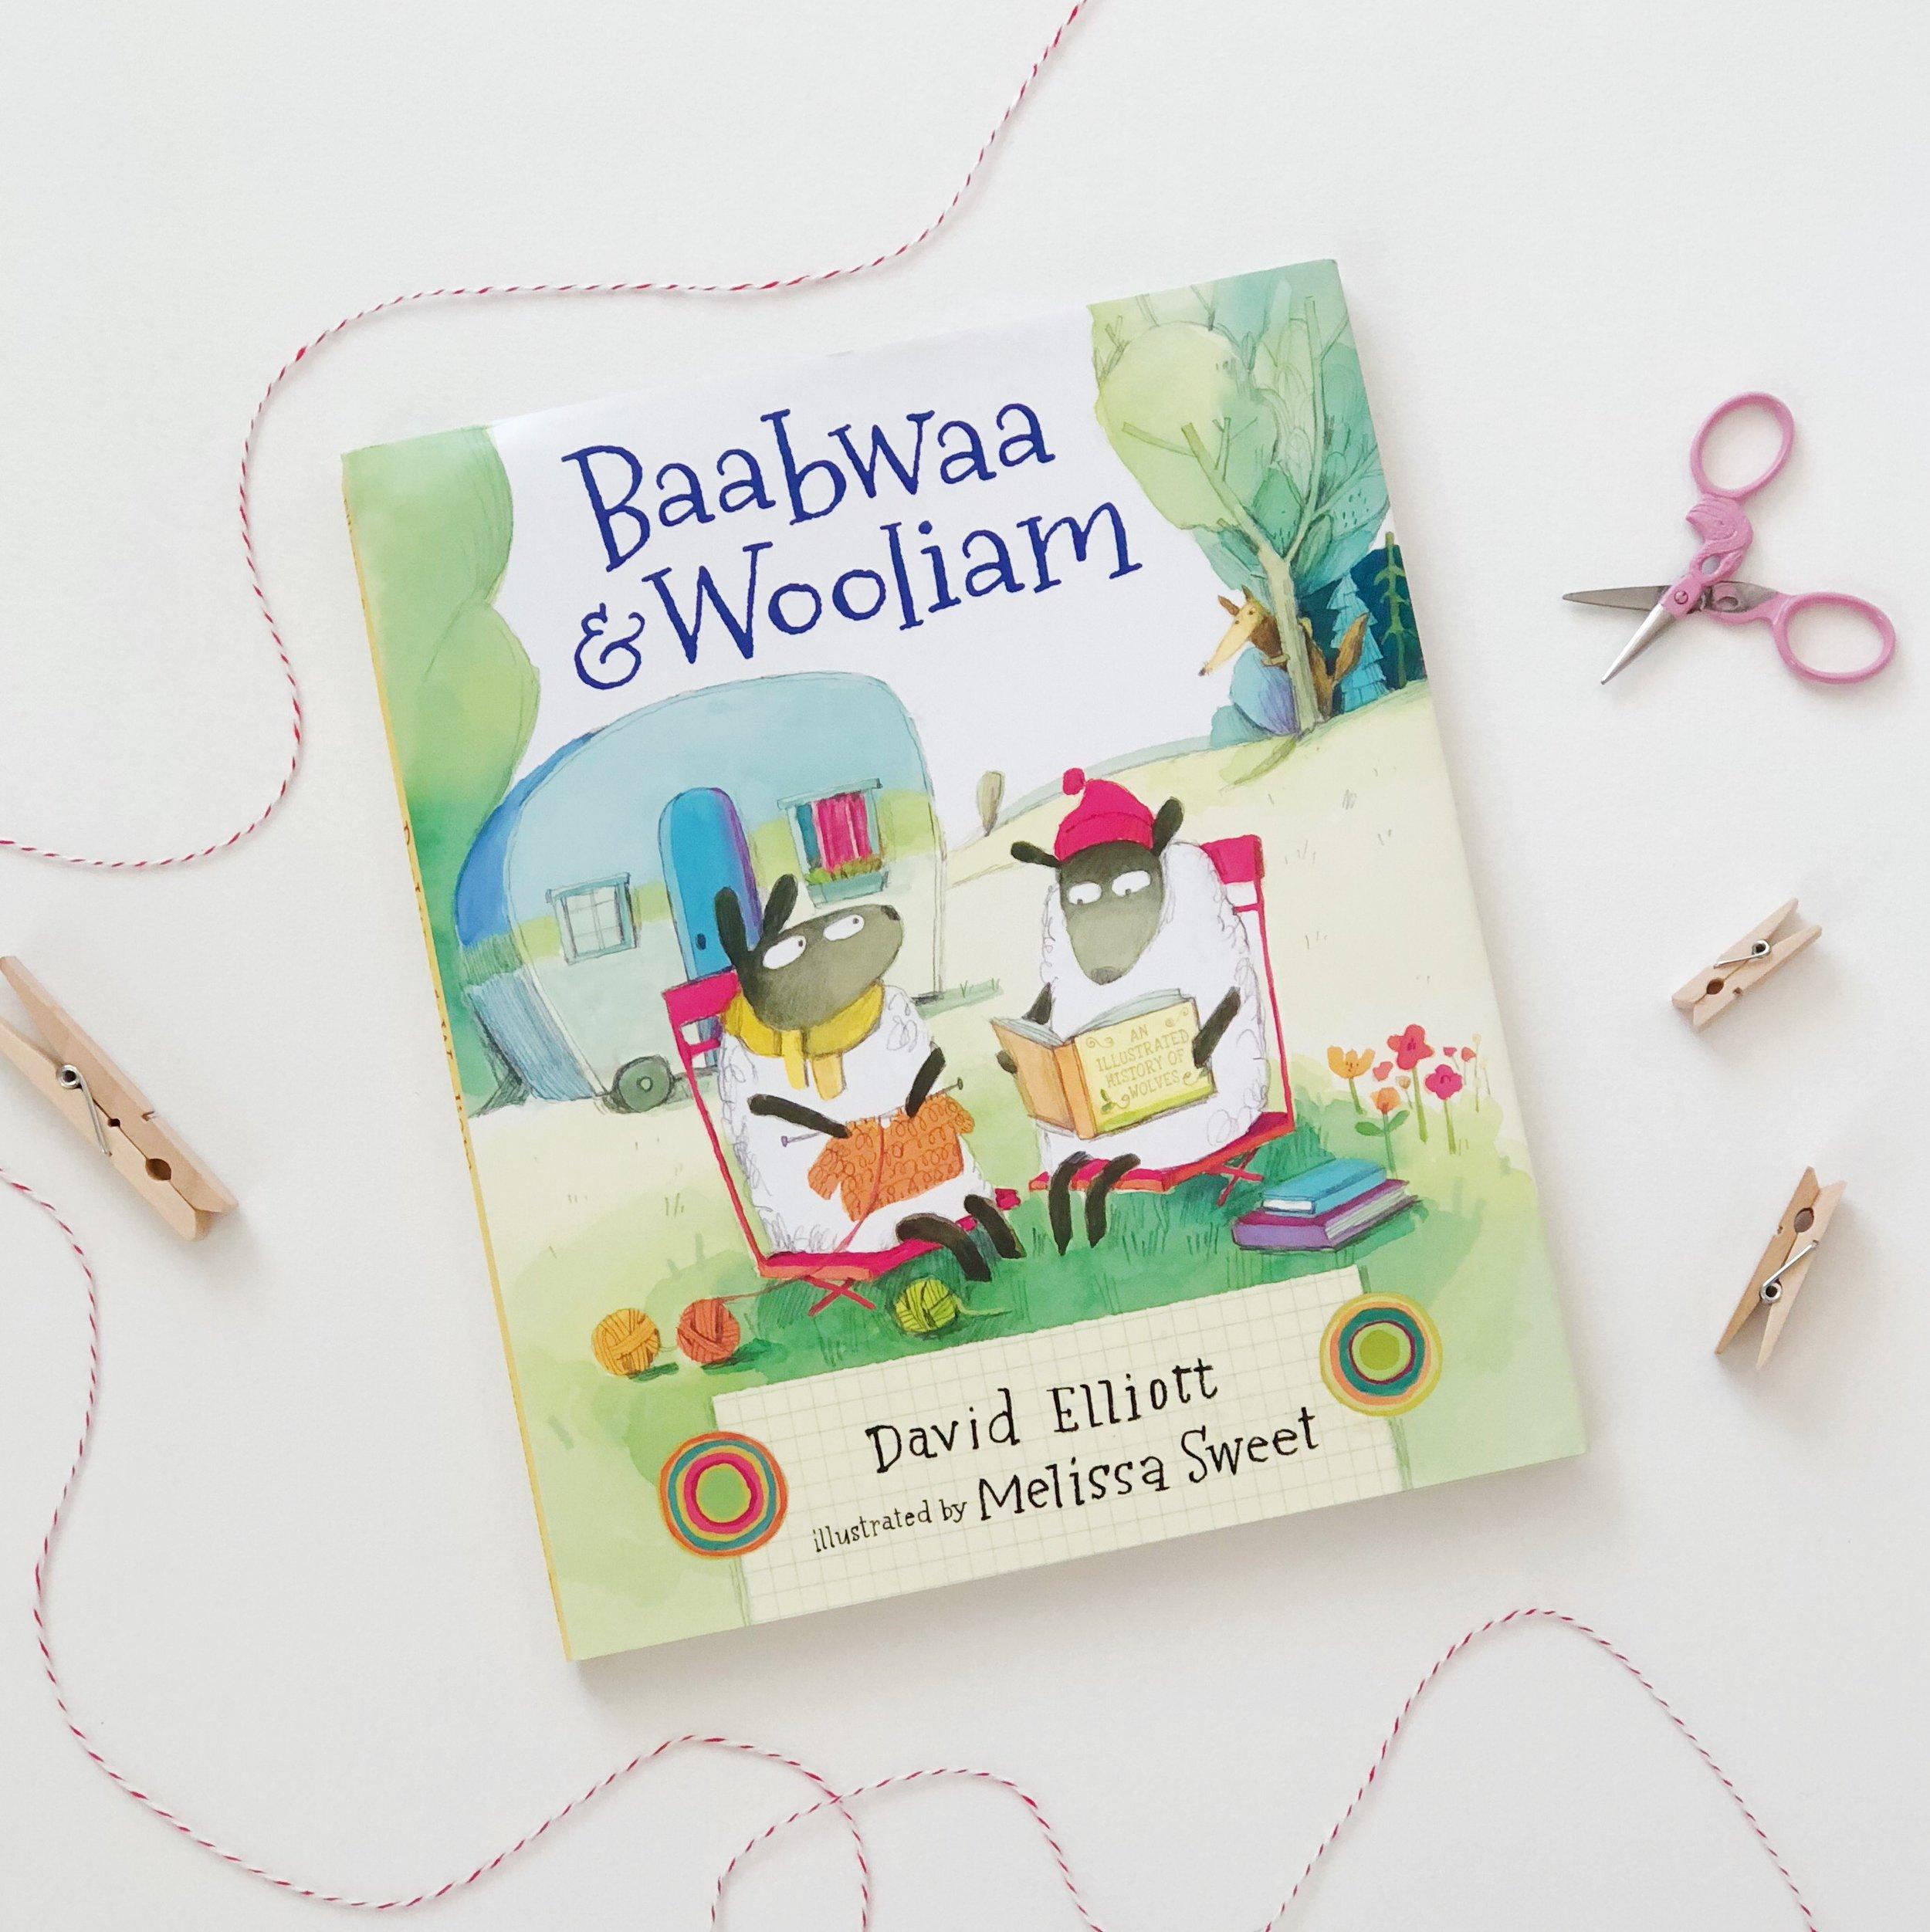 Baabwaa abd Wooliam